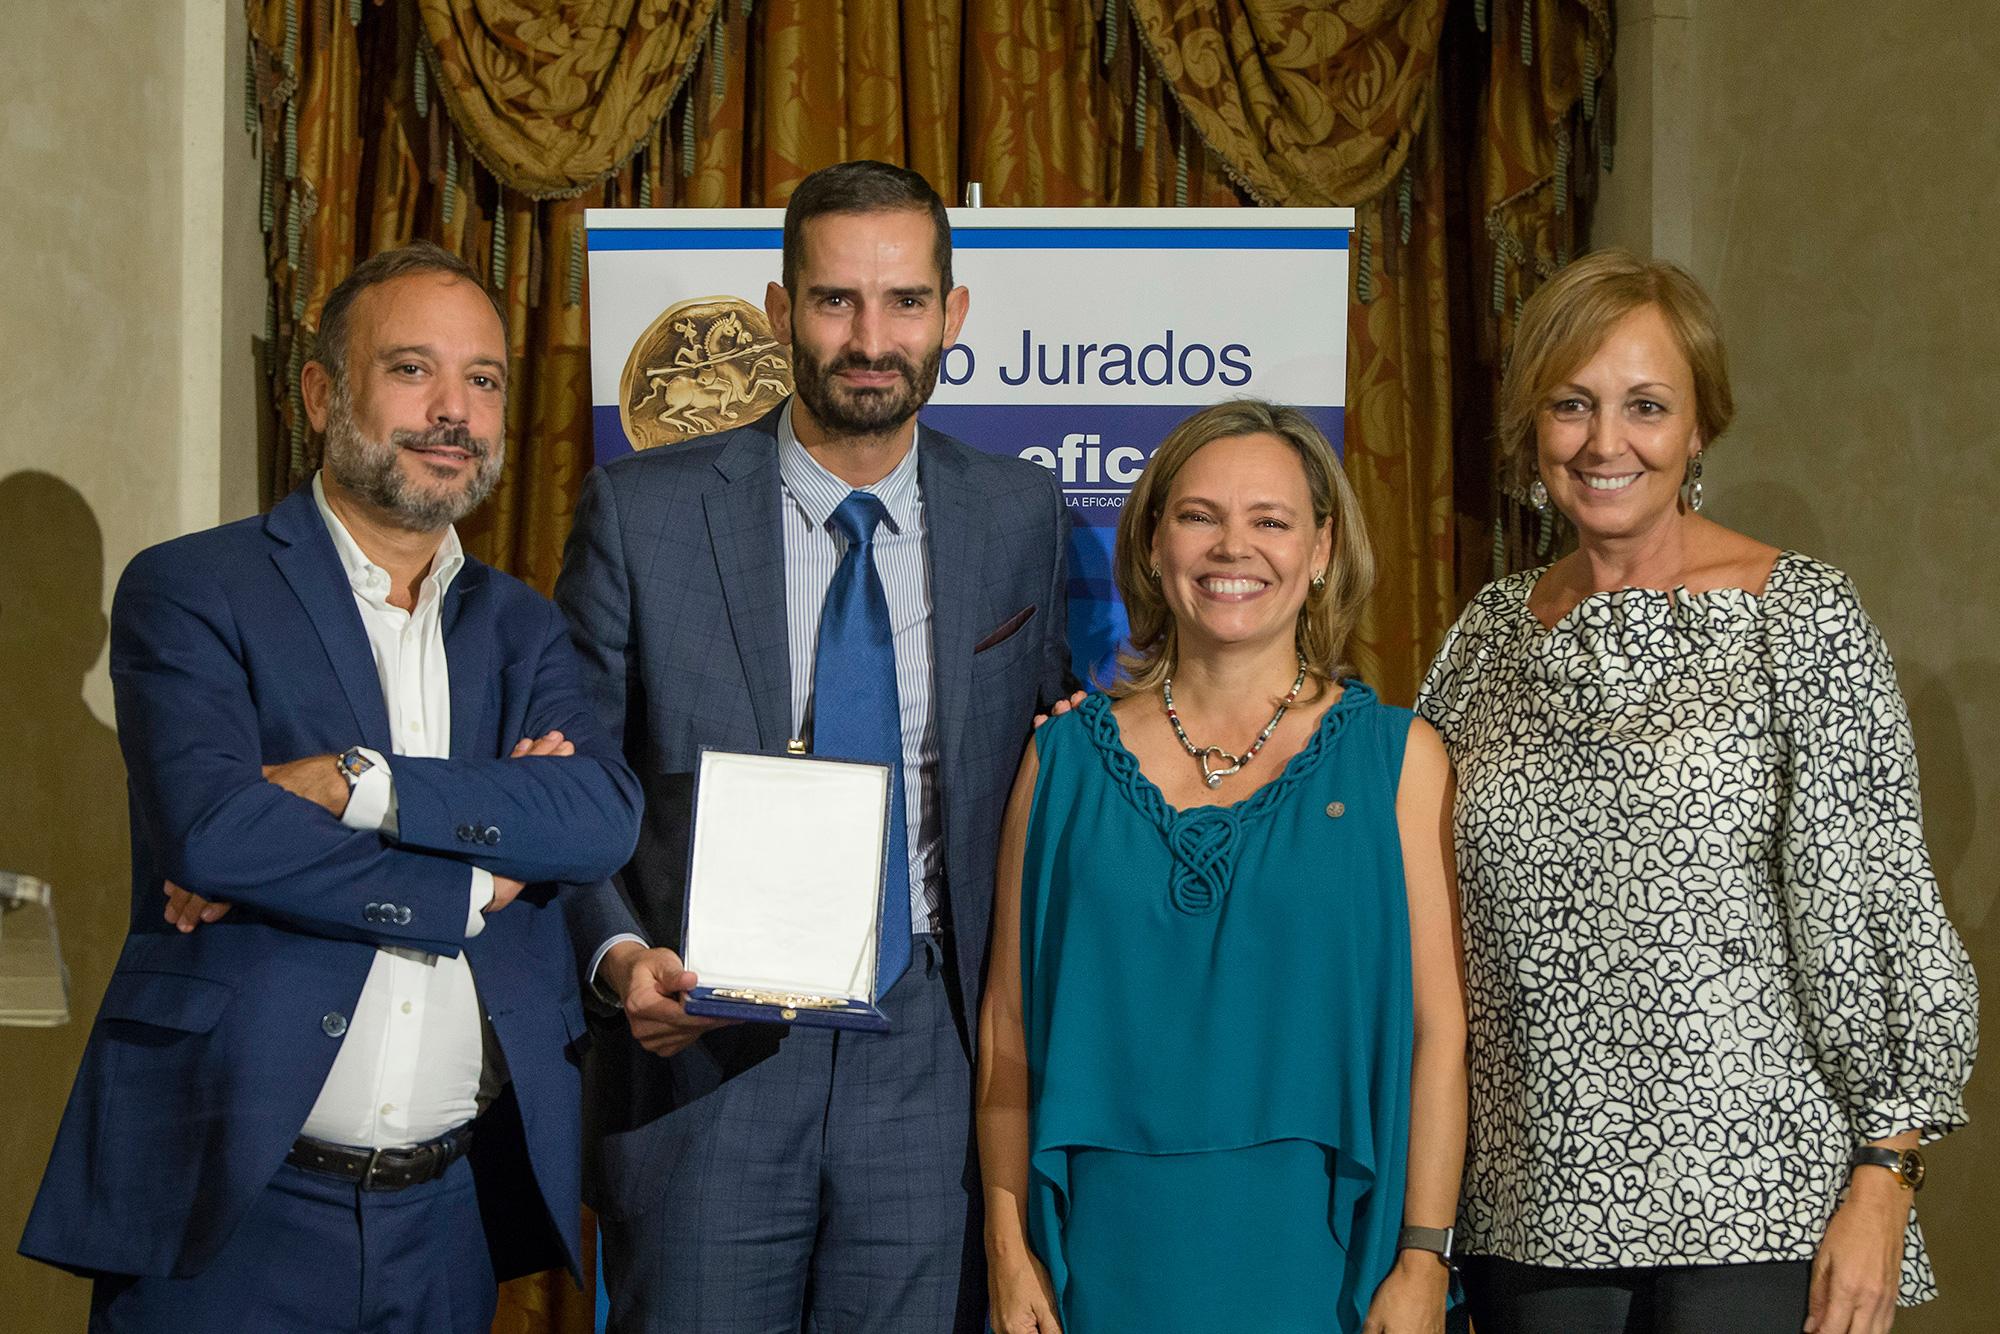 CLUB_JURADOS_72ppp_030